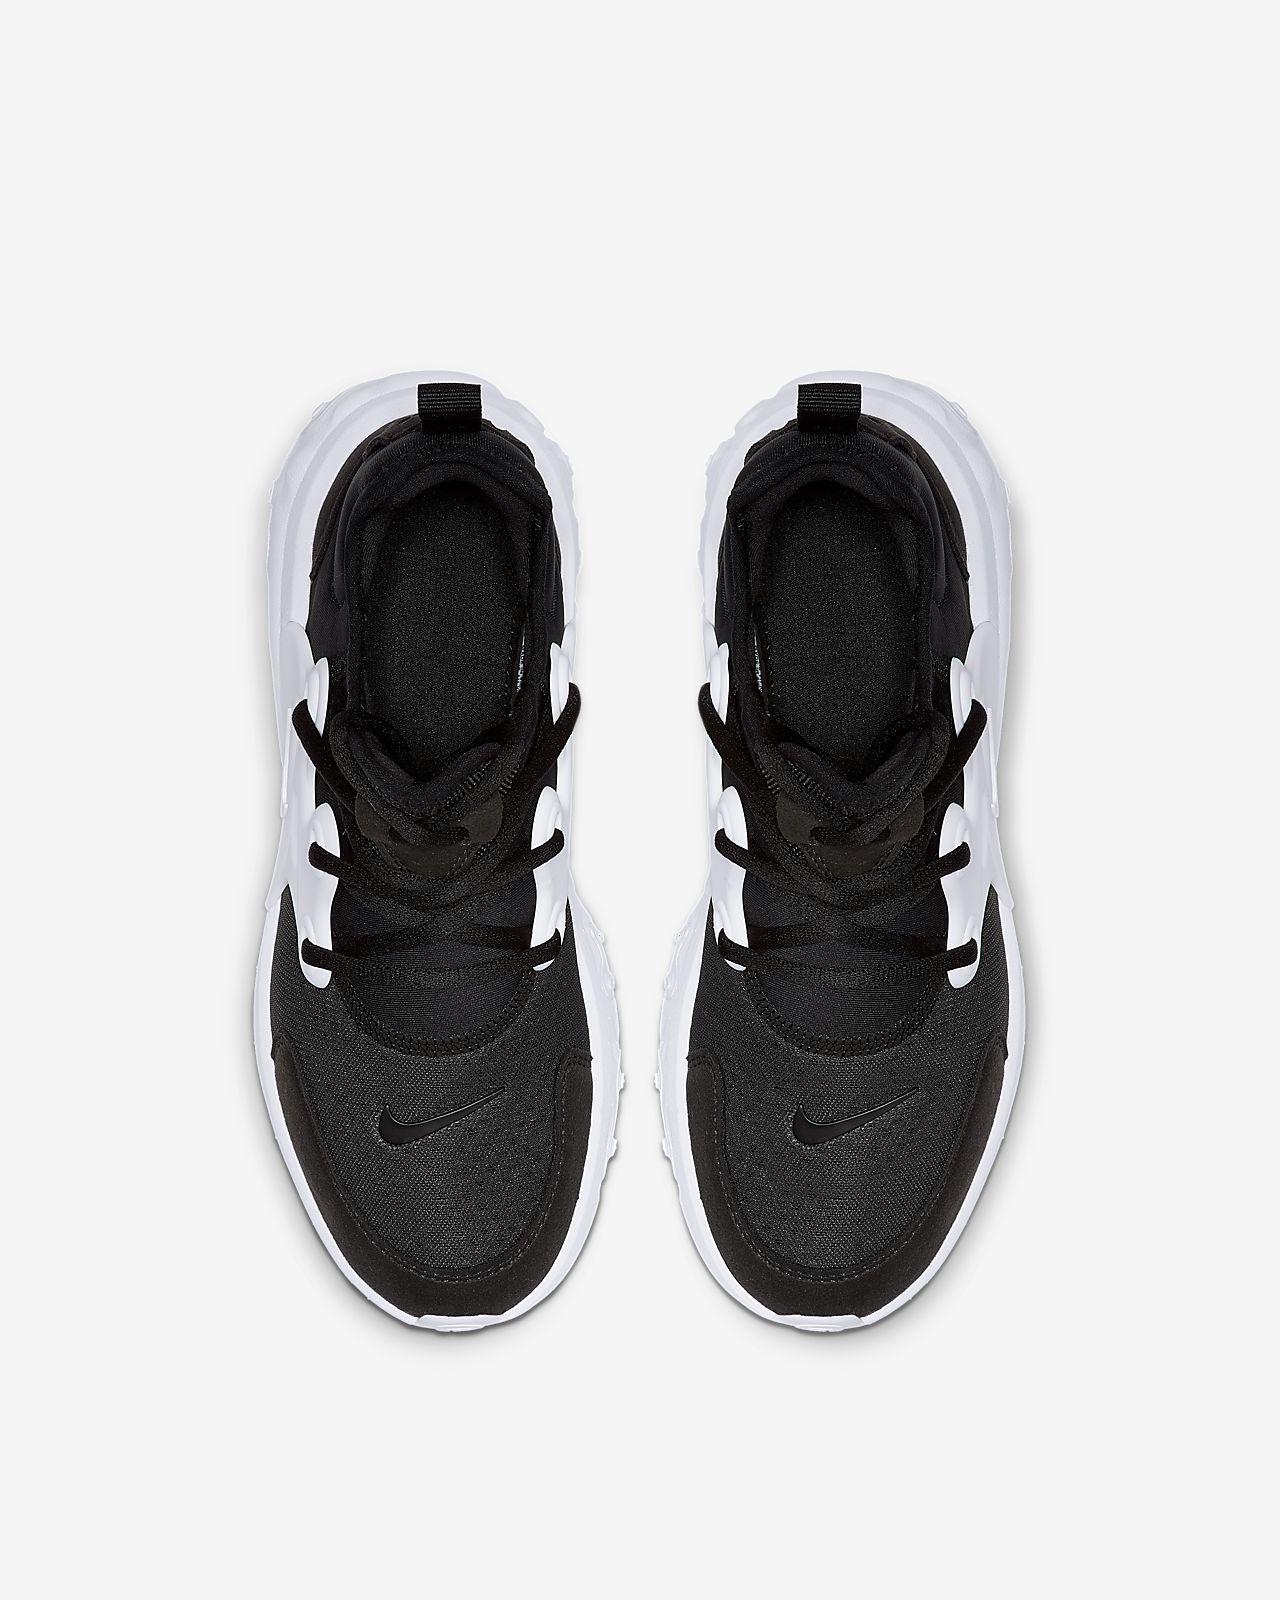 official photos 3d3e4 1fea9 ... Nike React Presto Big Kids  Shoe